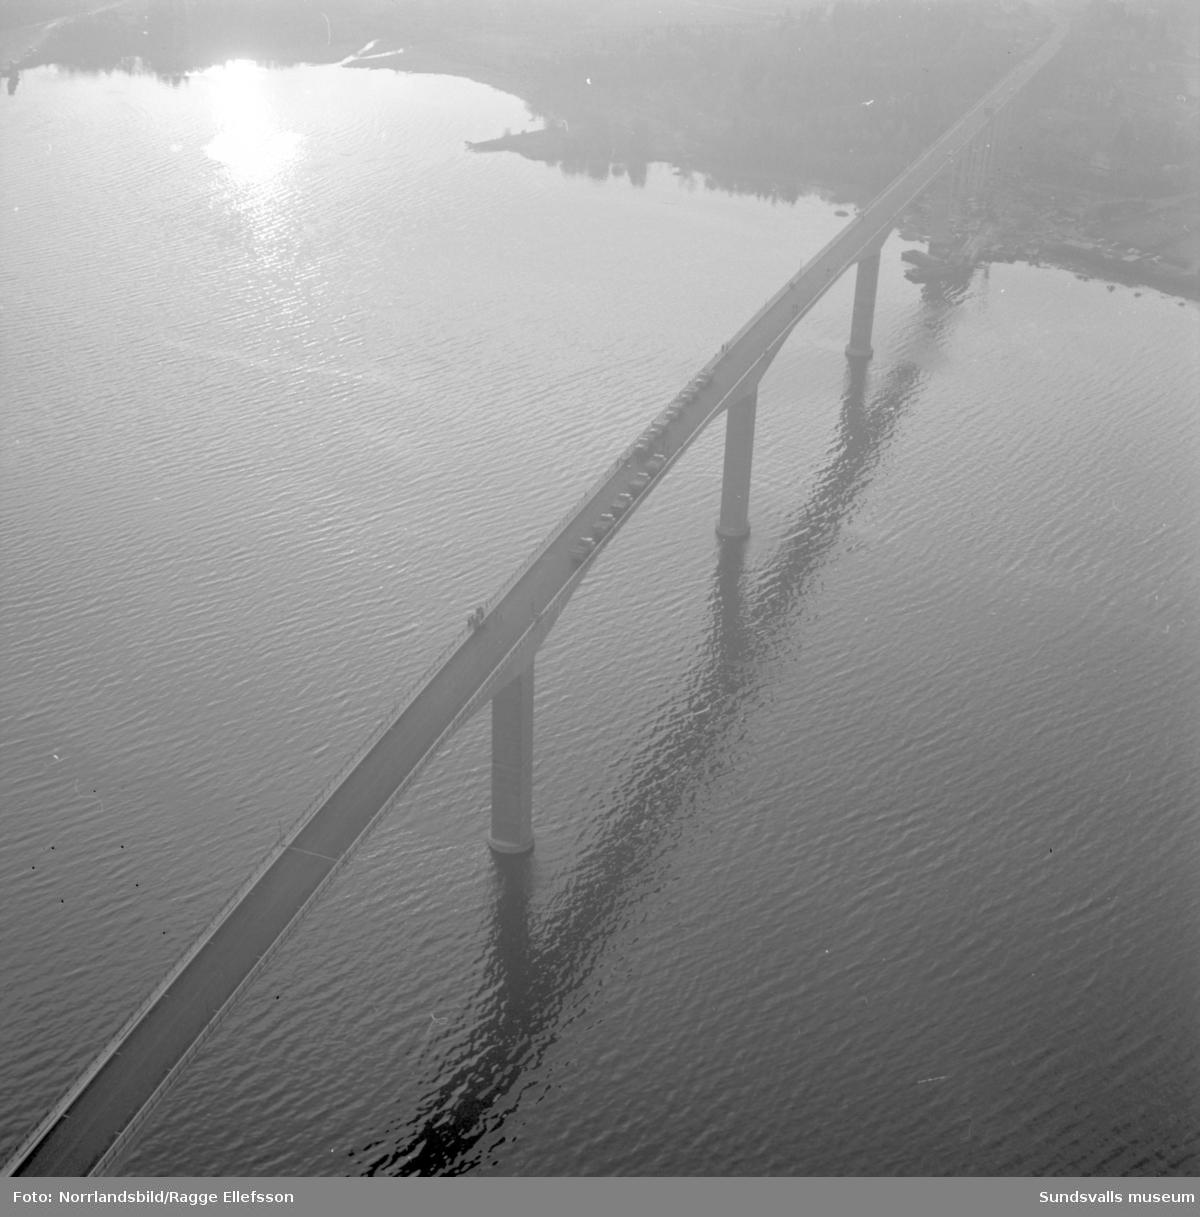 Flygfoto över Alnöbron som provbelastas inför invigningen. Tio lastbilar syns mitt på bron.